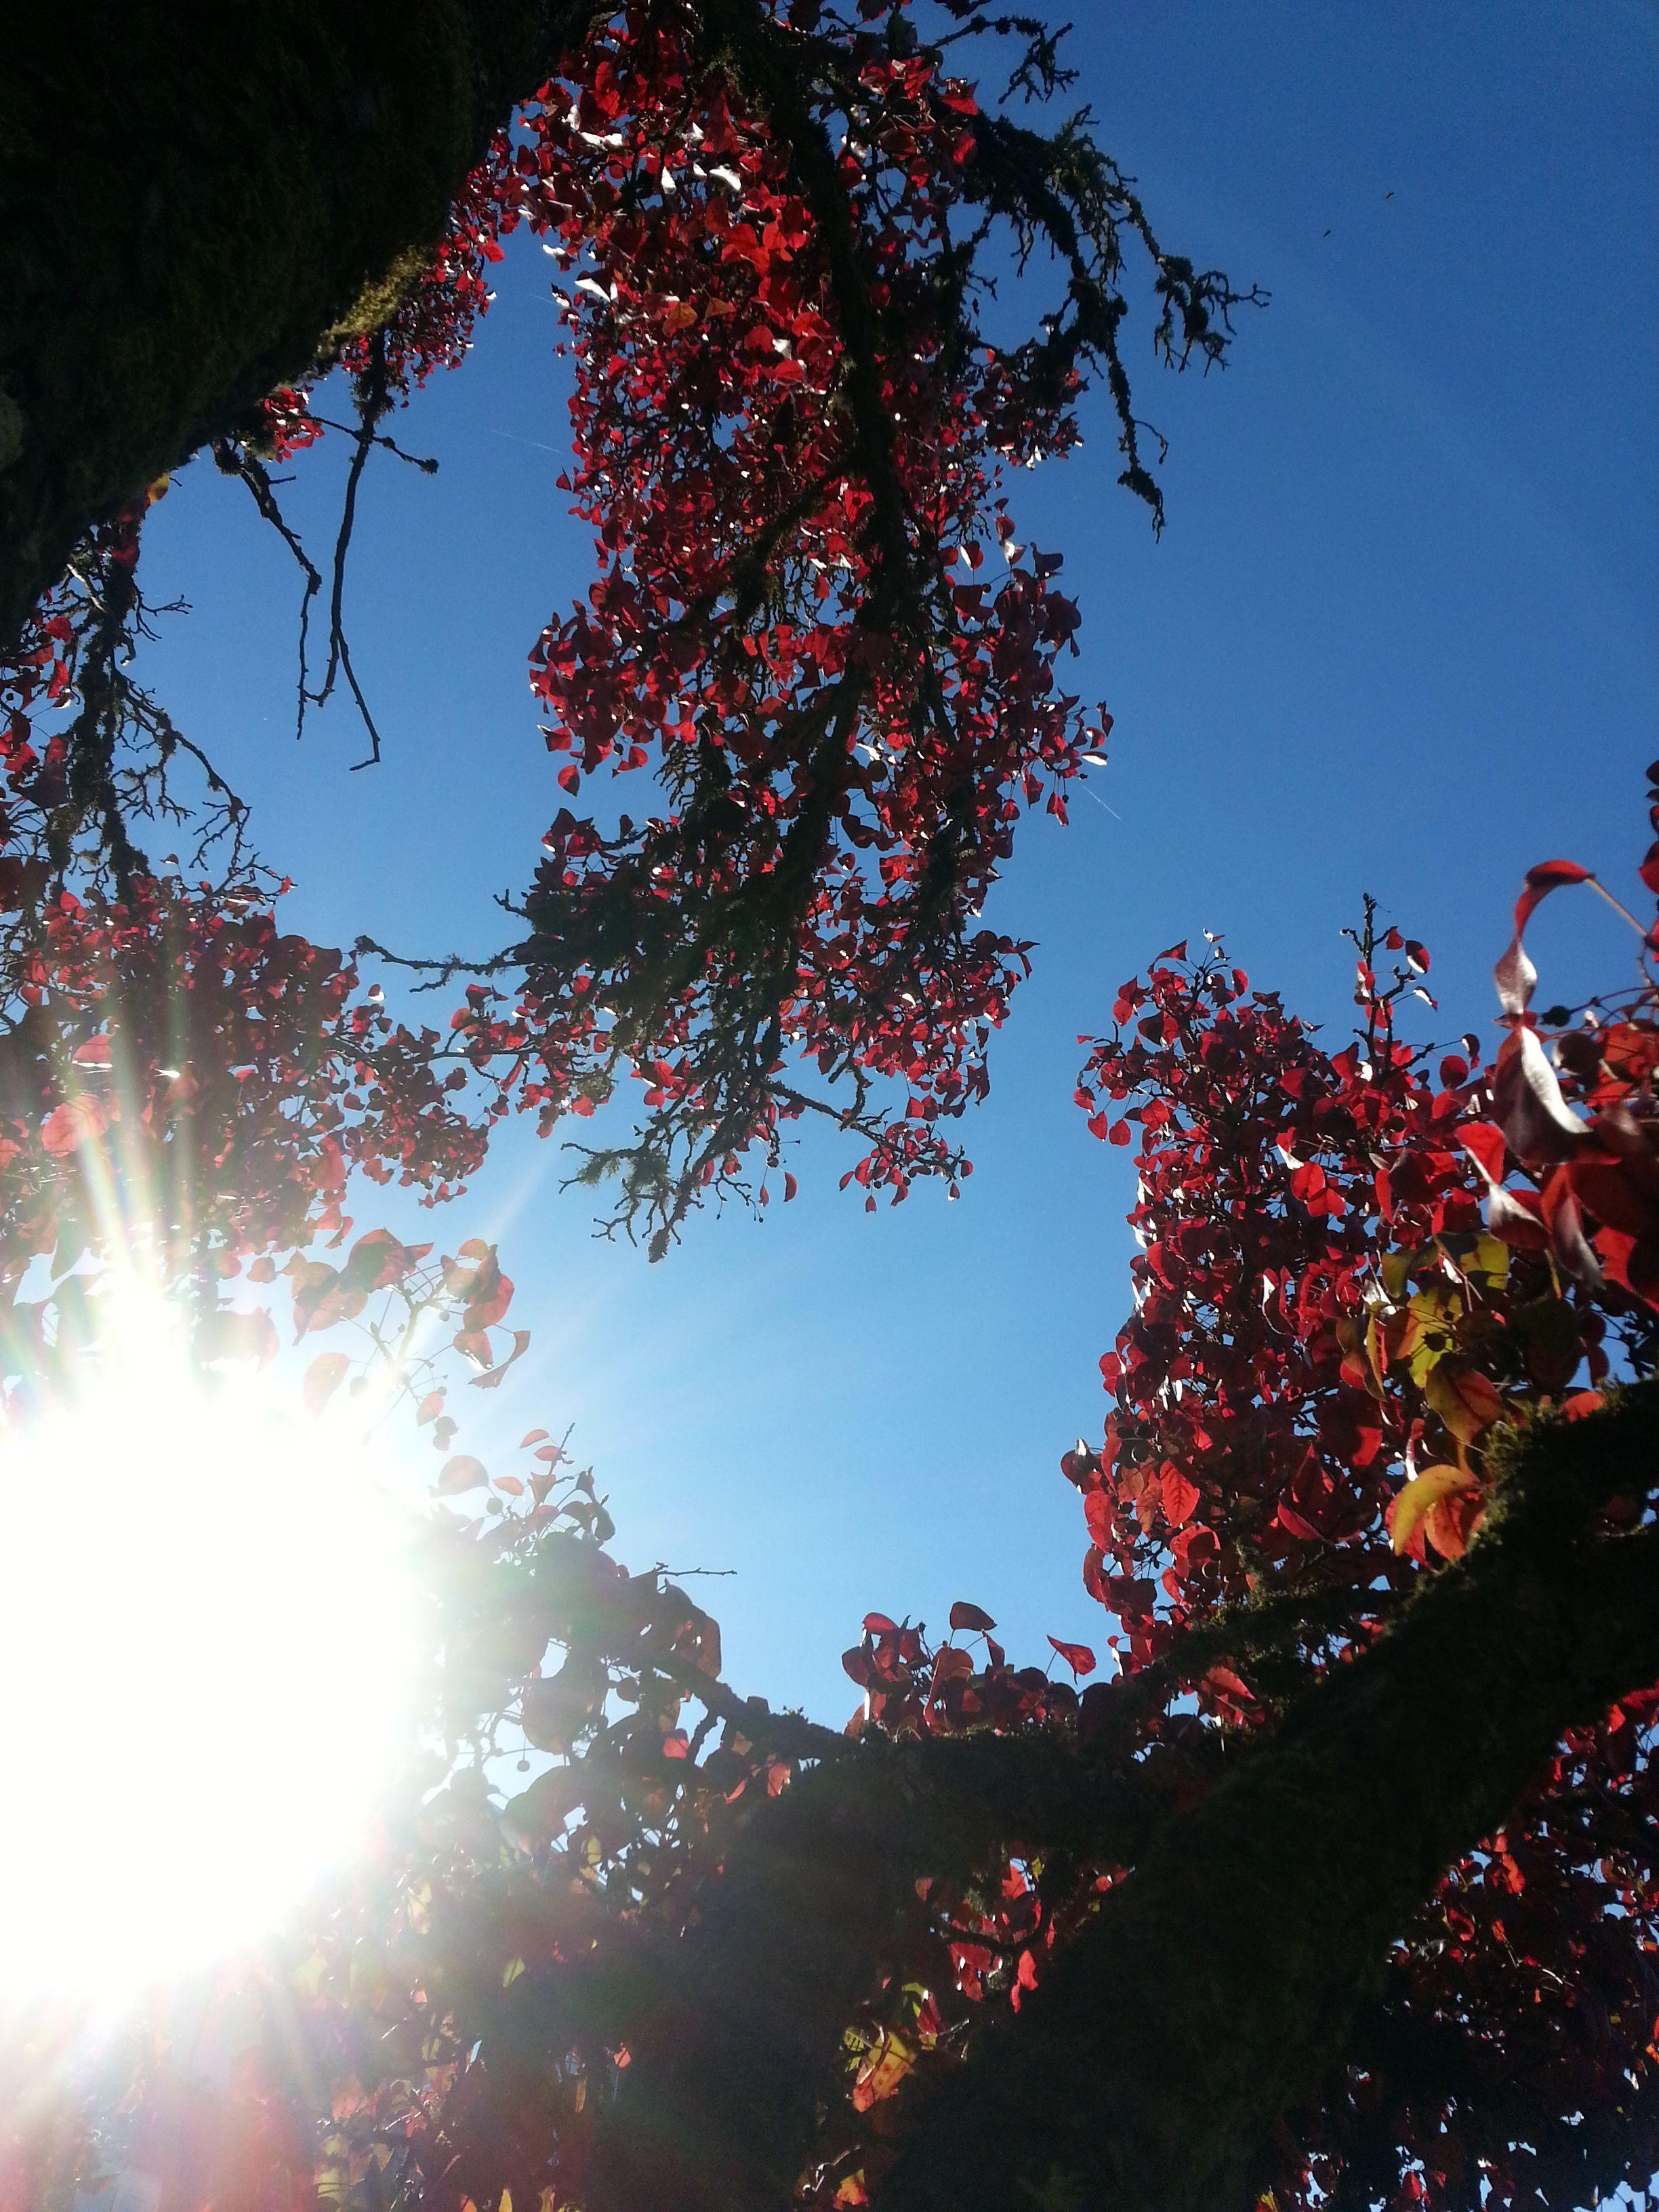 ...as plants take live from light and nurture for it, so should we... como las plantas toman vida de la luz y se alimentan de ello, nosotros tambien podriamos hacerlo...